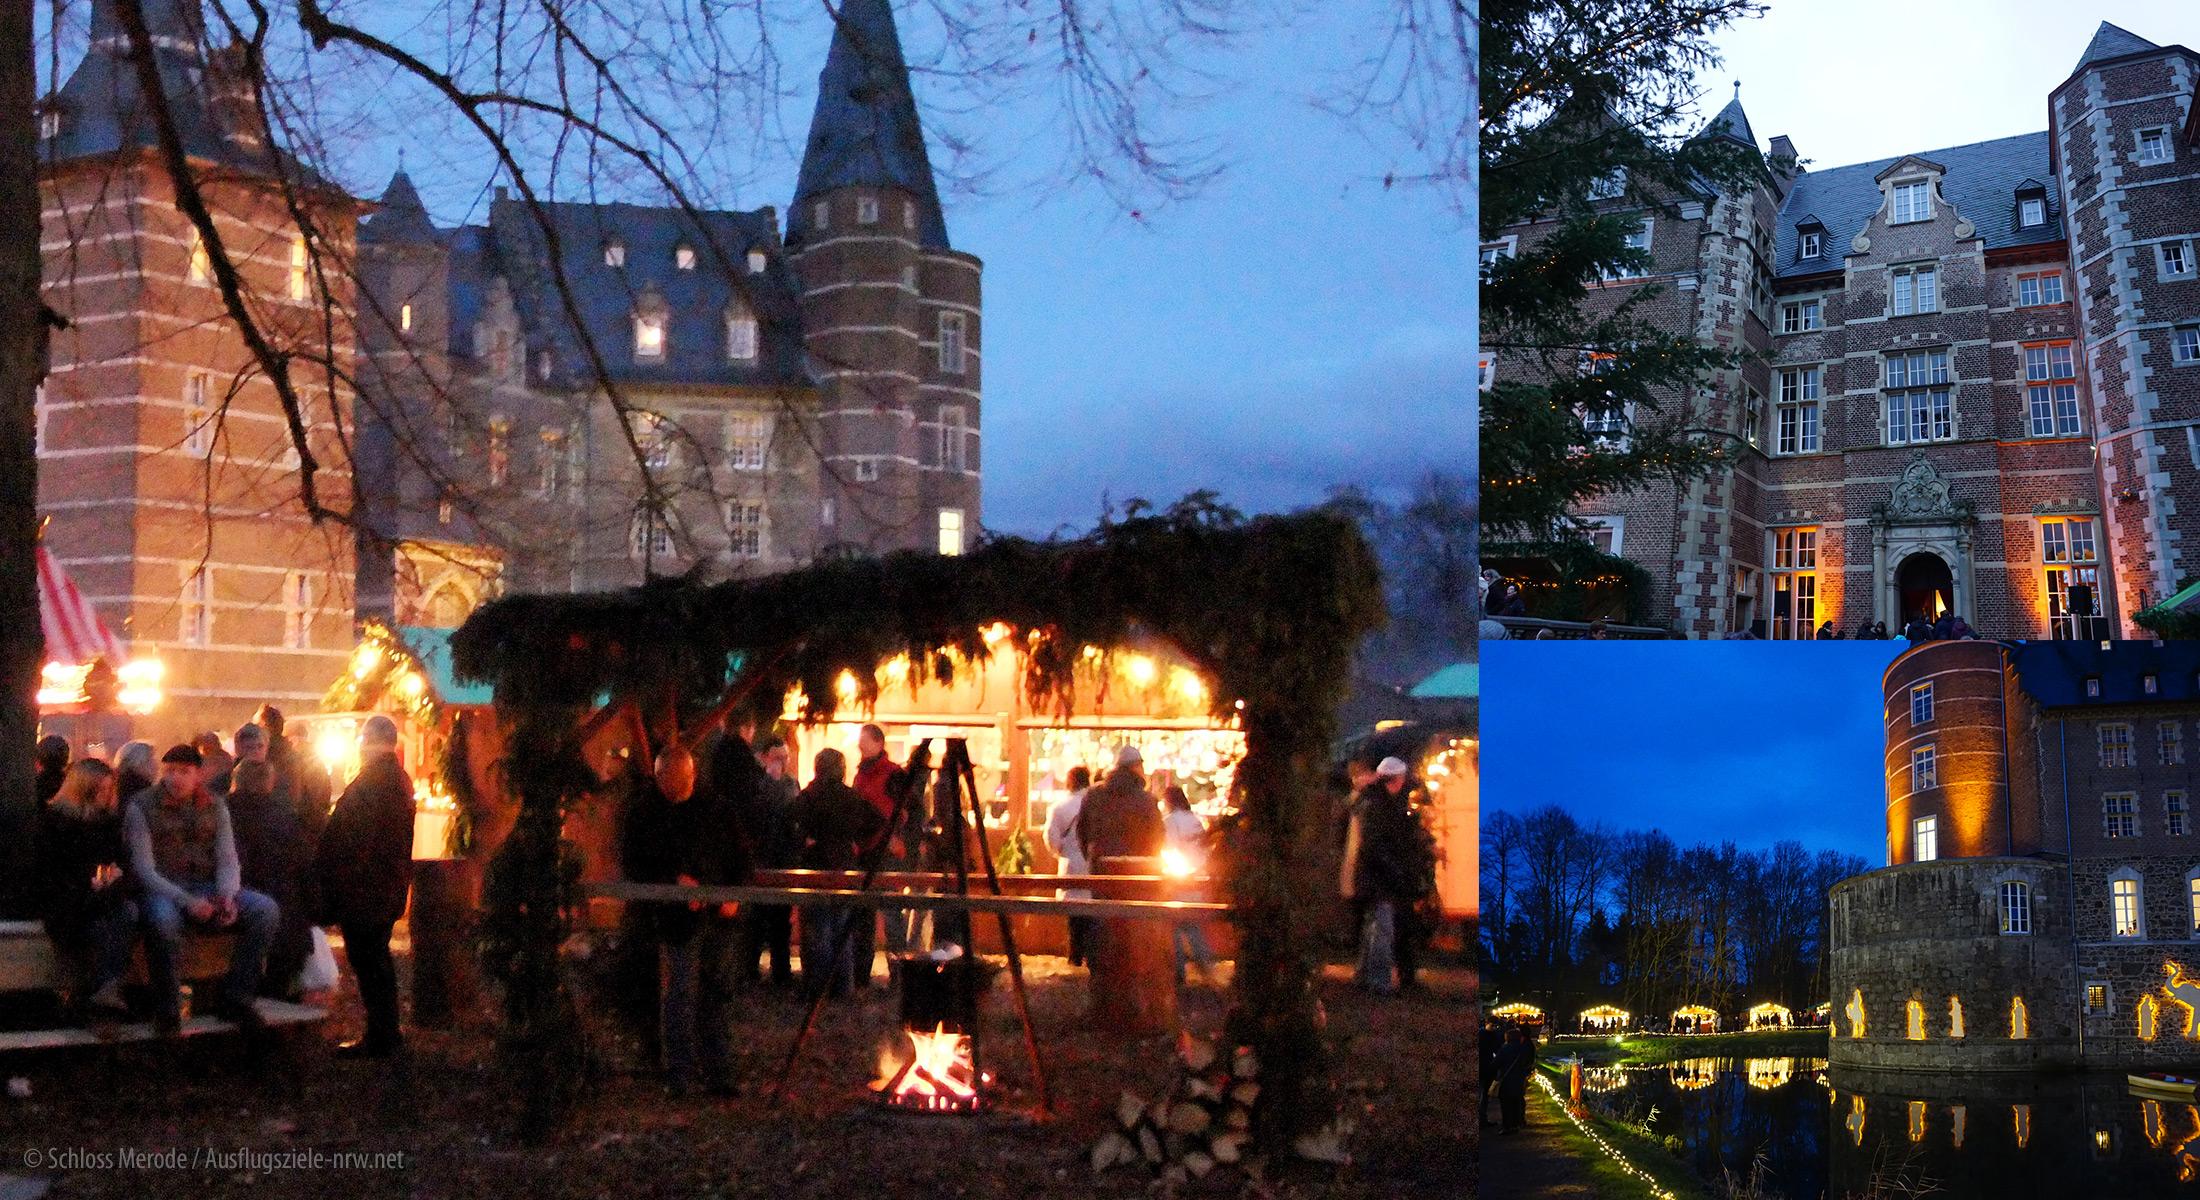 Weihnachtsmarkt Schloss Merode.Bezaubernder Weihnachtsmarkt Auf Schloss Merode